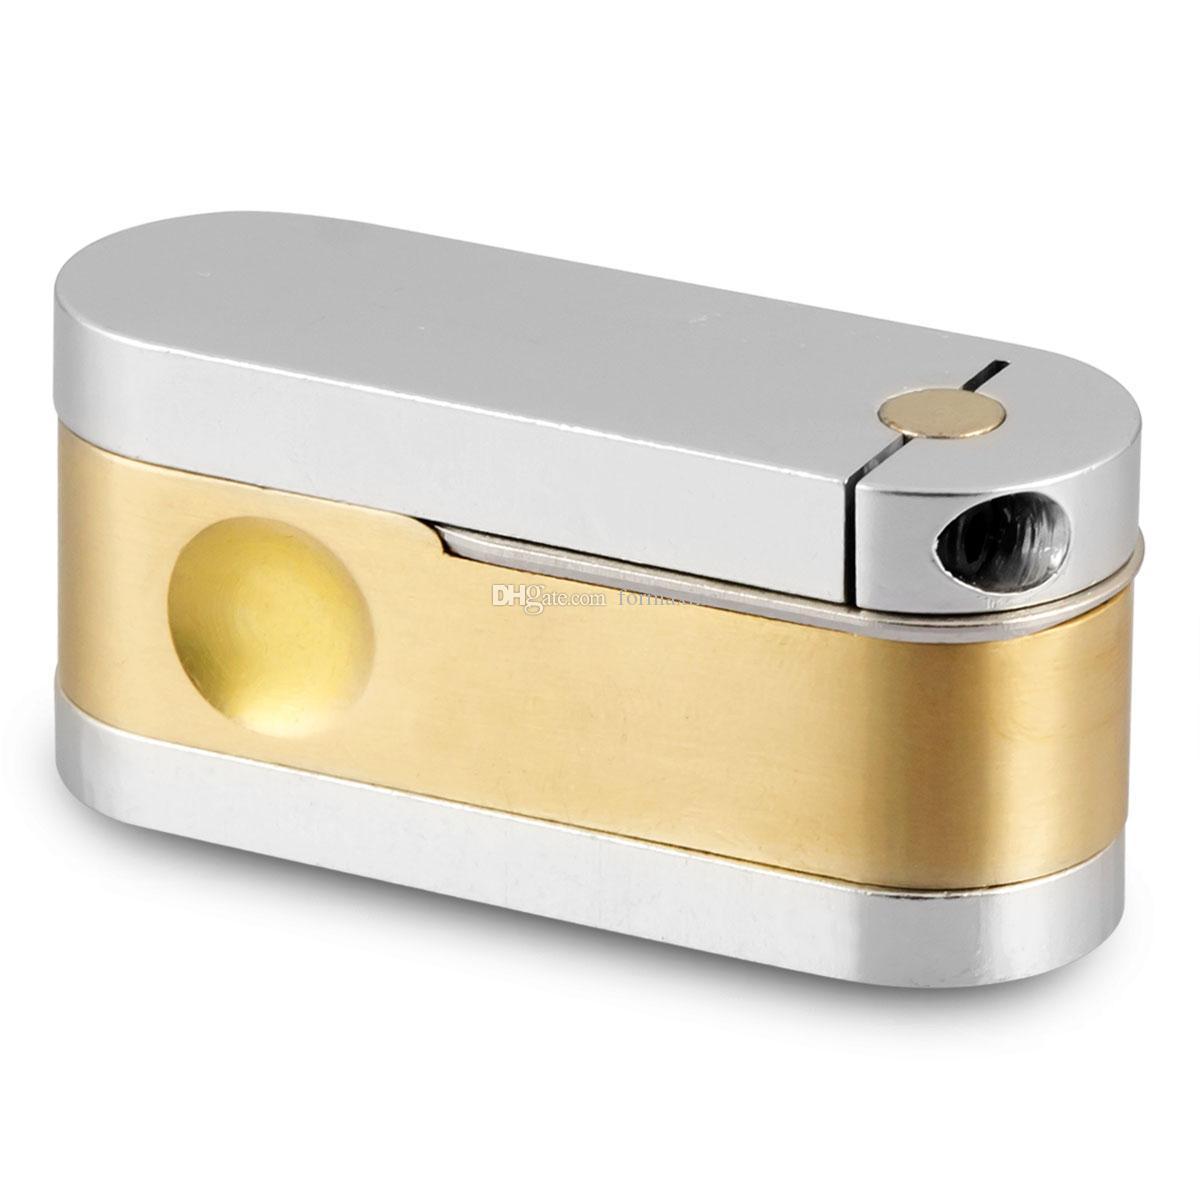 Metro Monkey Pipe Tragbare Pfeife Tasche Hand Rohr Metall Kraut Rauchen Rauchen Zubehör Kostenloser Versand